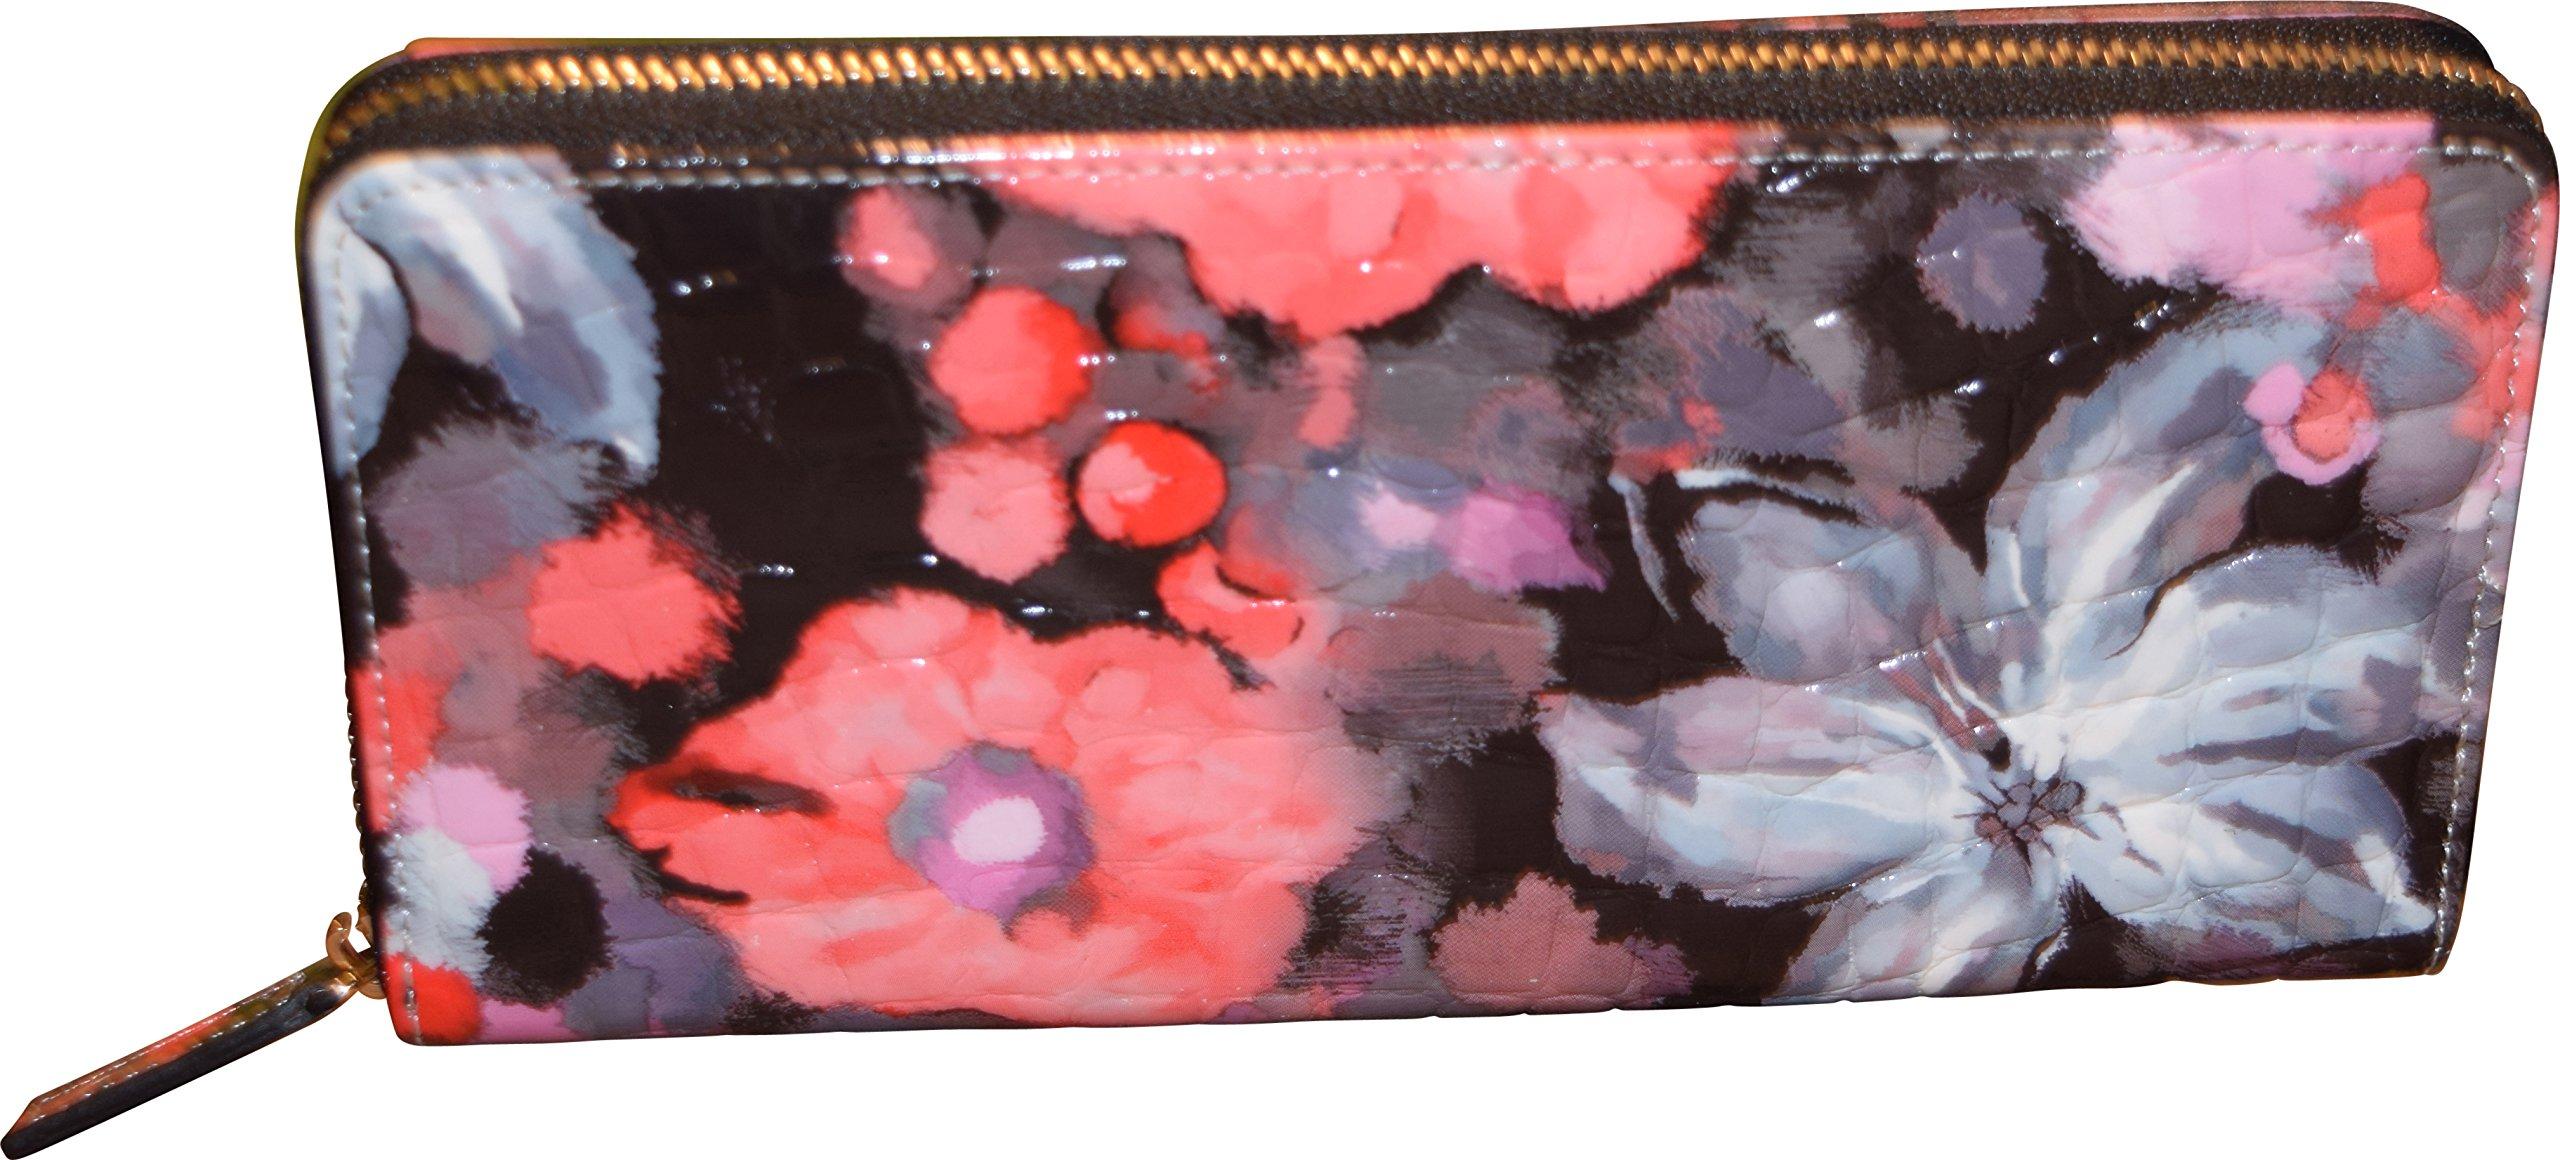 Genuine Top Grain Leather Women's Zip Around Wallet - Credit Card Clutch Organizer (Pink Flowers)